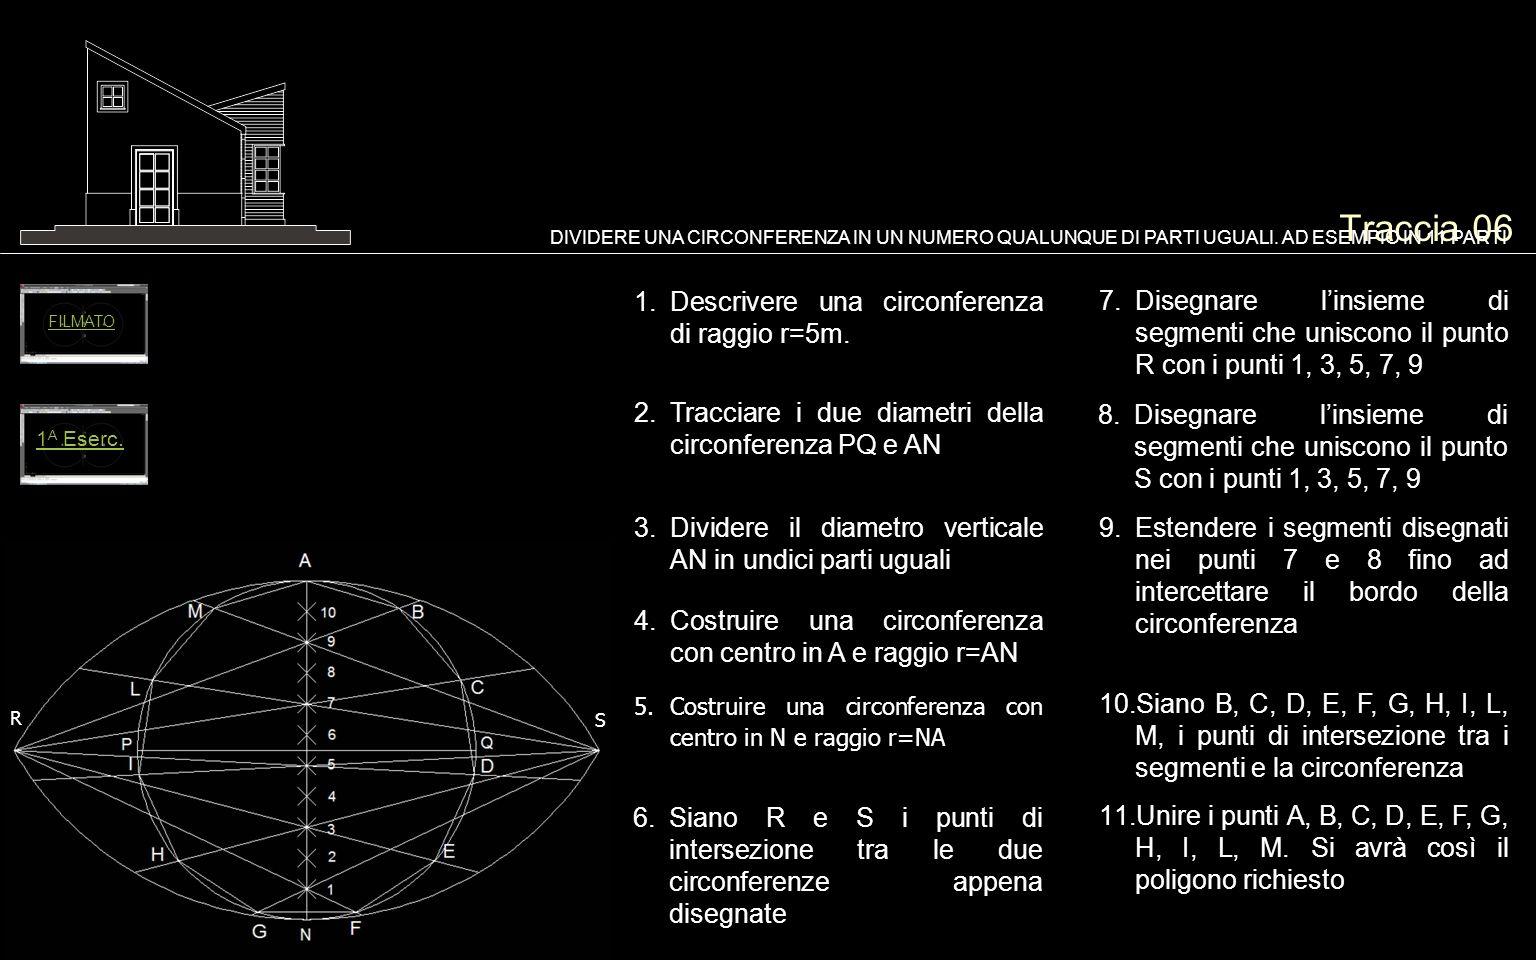 Traccia 06 1.Descrivere una circonferenza di raggio r=5m. DIVIDERE UNA CIRCONFERENZA IN UN NUMERO QUALUNQUE DI PARTI UGUALI. AD ESEMPIO IN 11 PARTI 2.